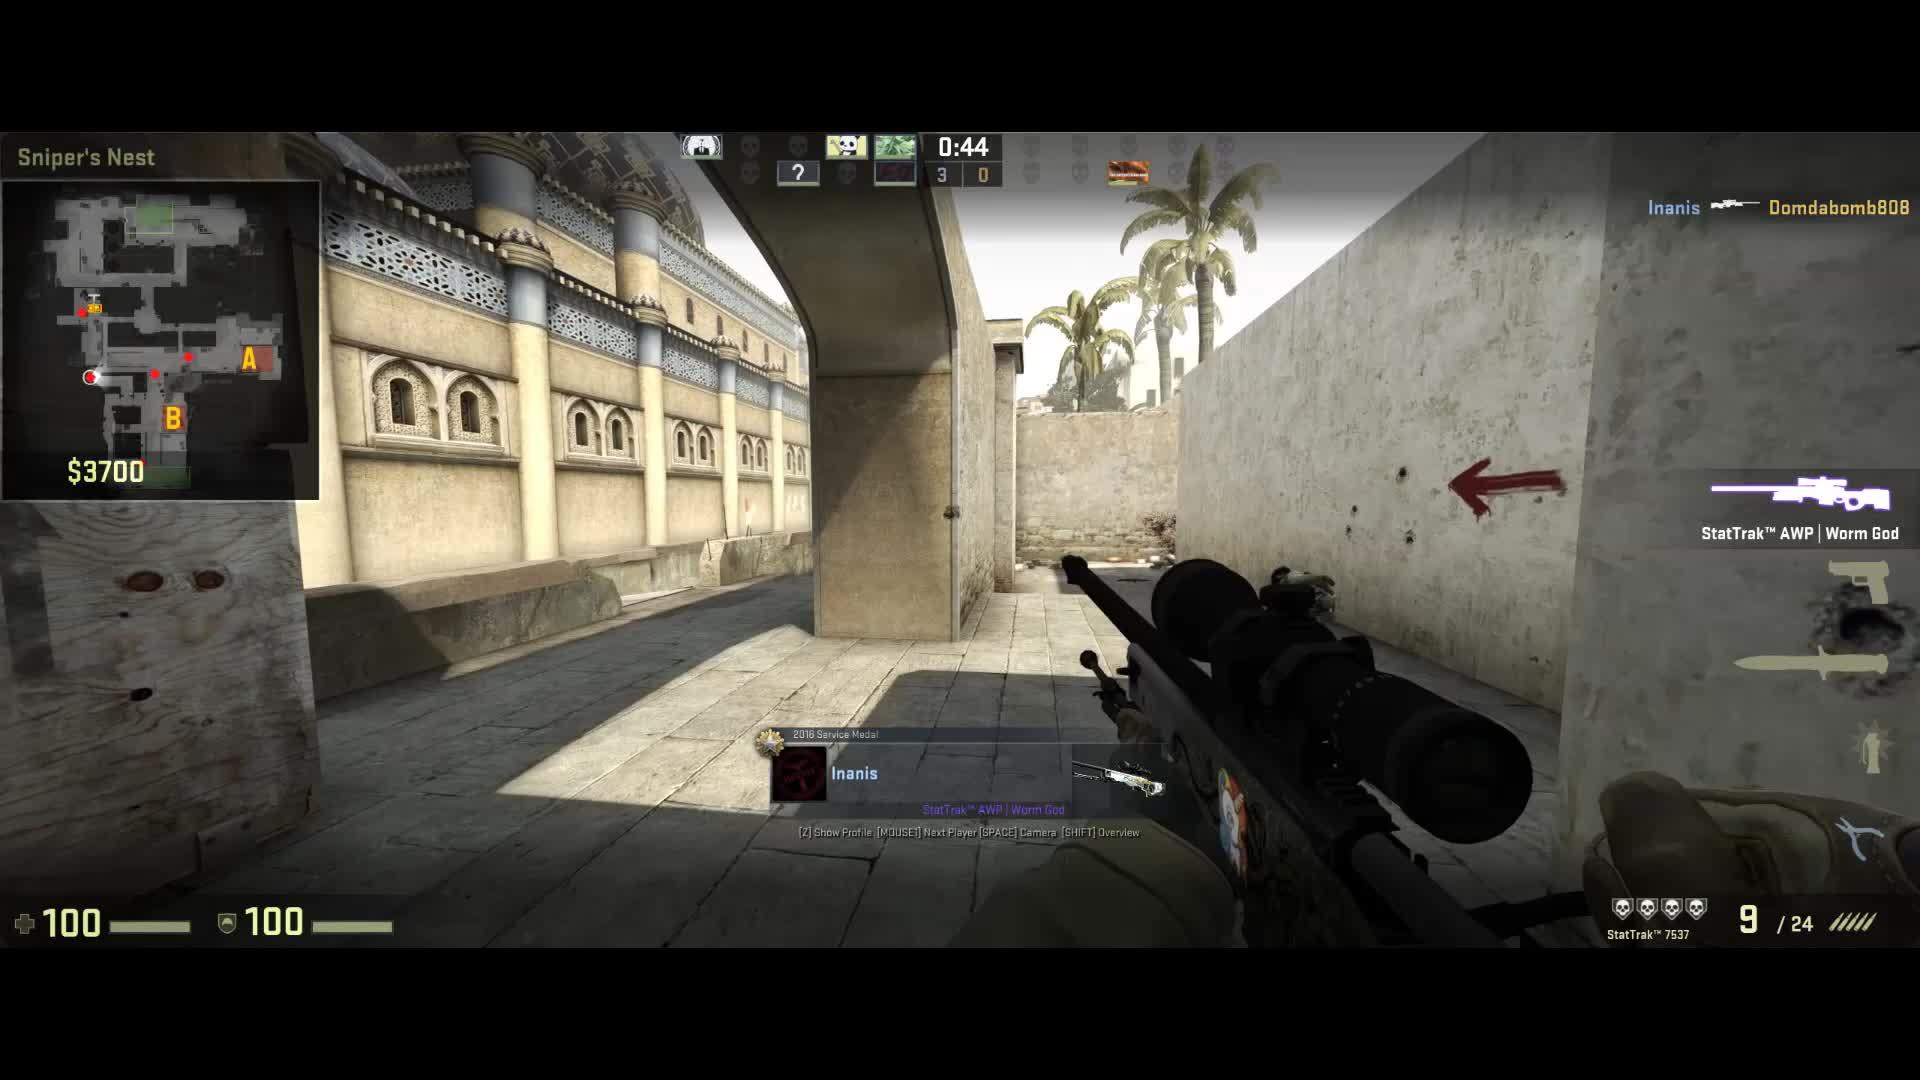 counterstrike, CS GO Hax? GIFs